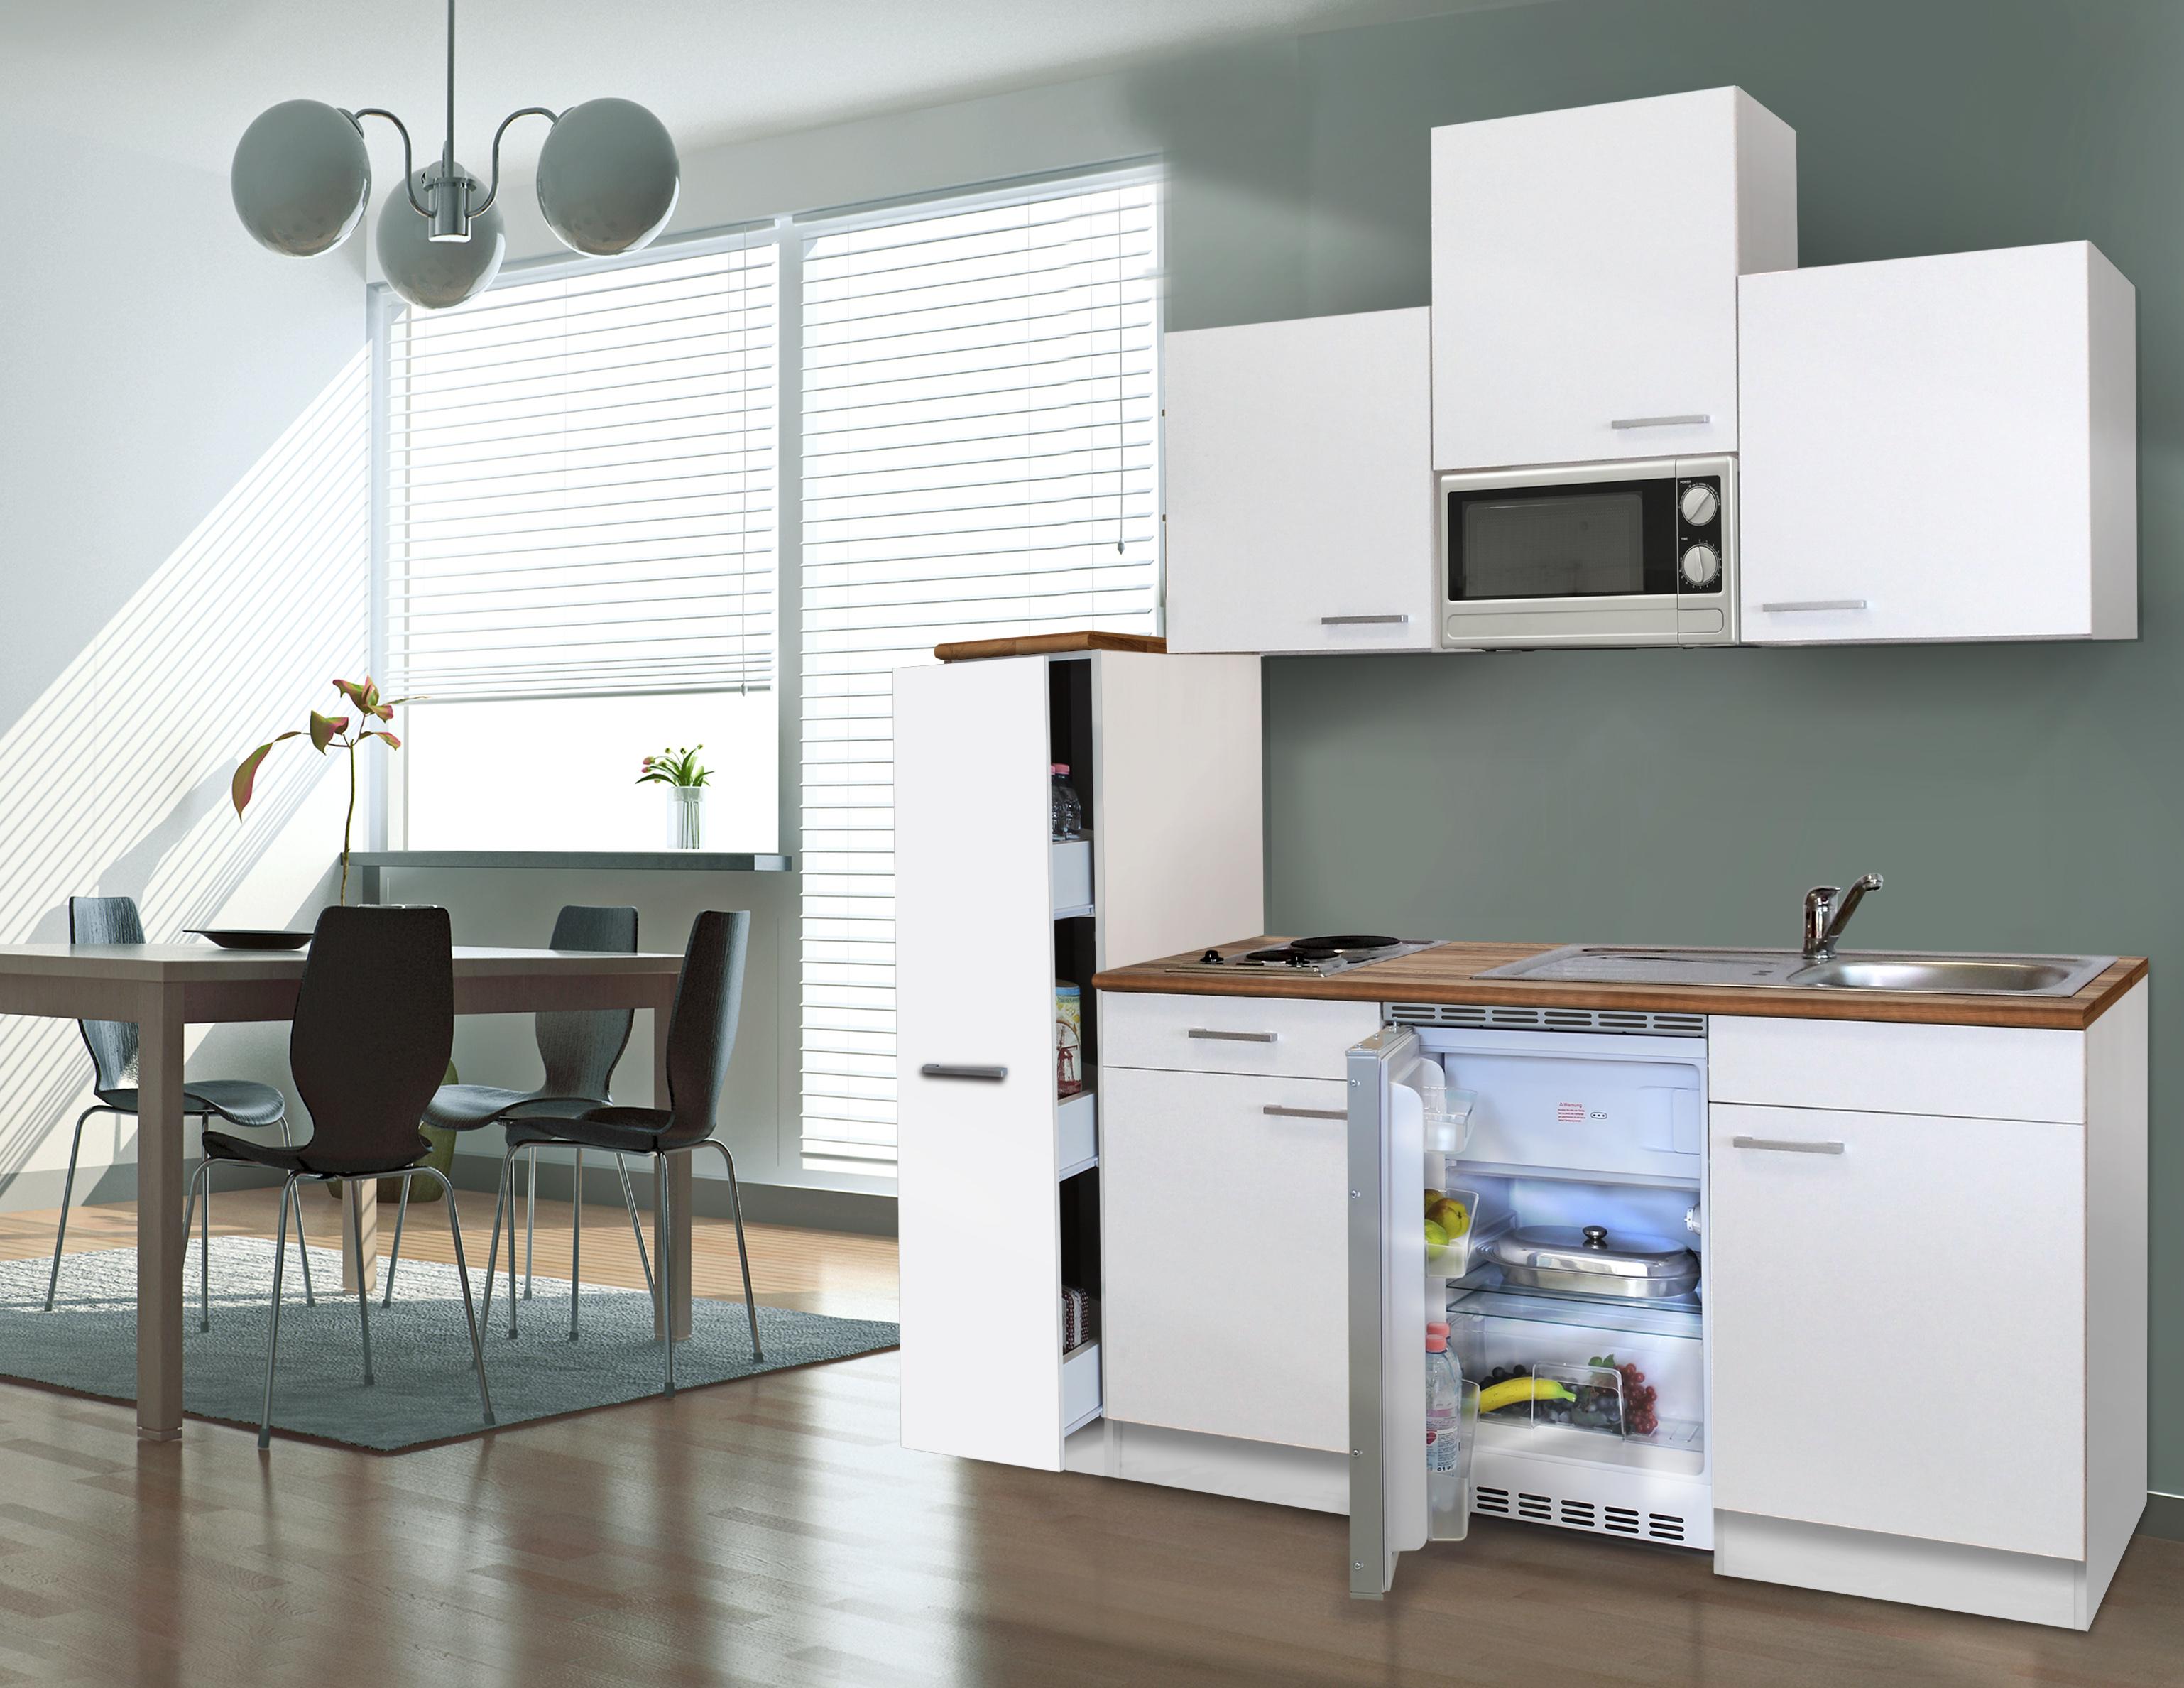 respekta Küche Singleküche Küchenzeile Küchenblock Einbau Miniküche 180 cm weiß